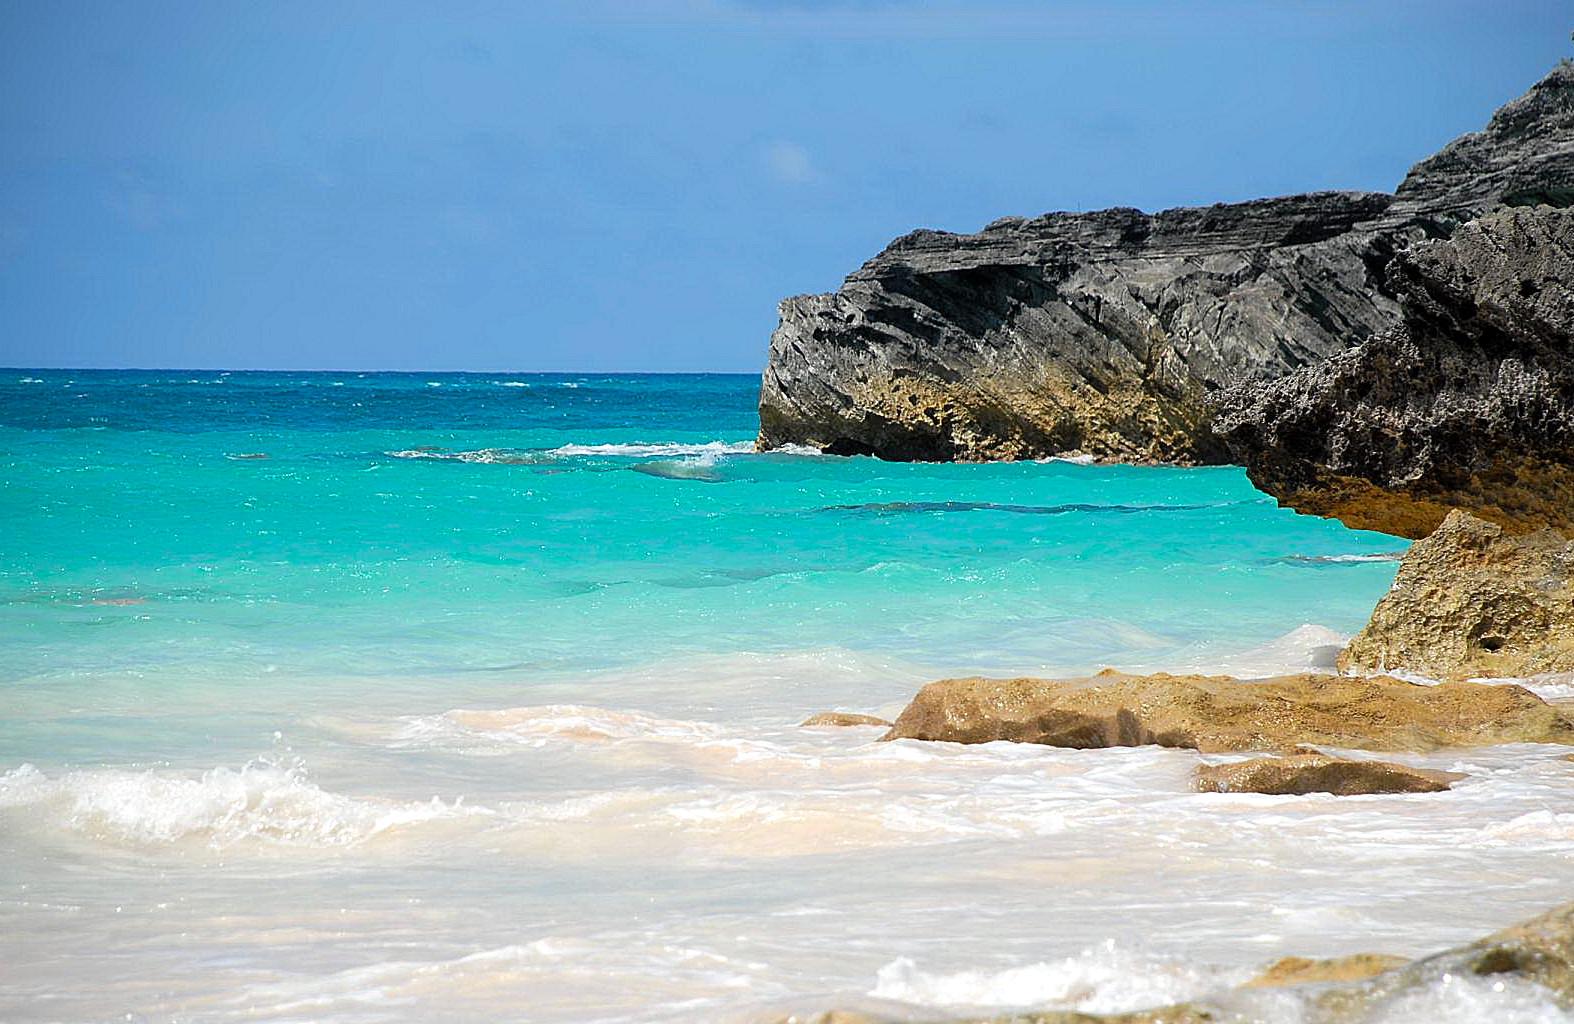 Sand Beach Sky by misterkyle